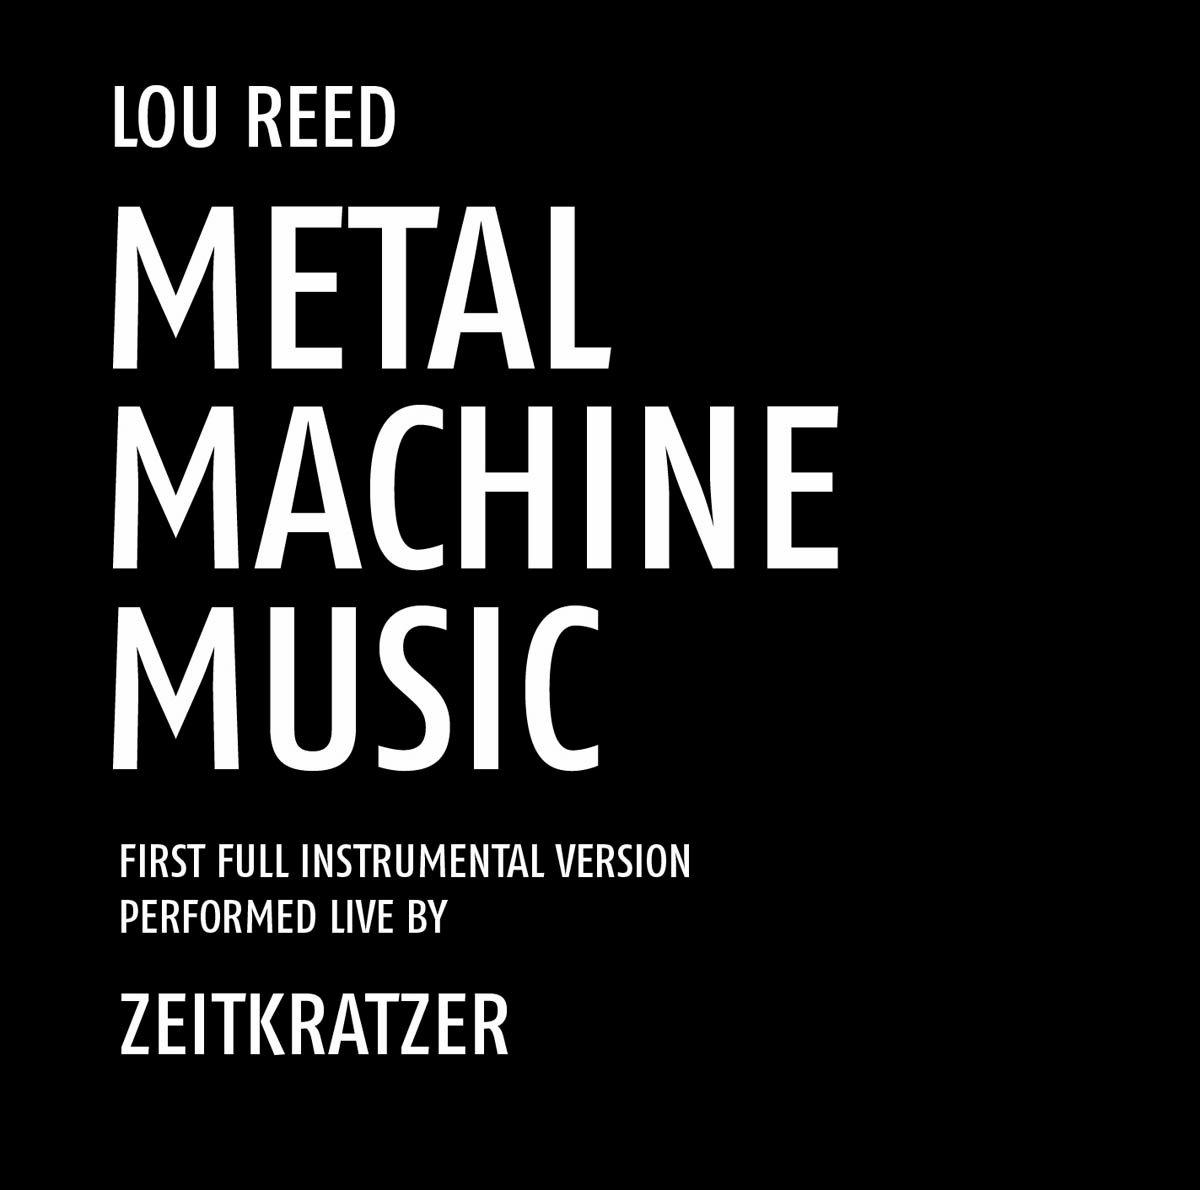 Metal Machine Music Zeitkratzer